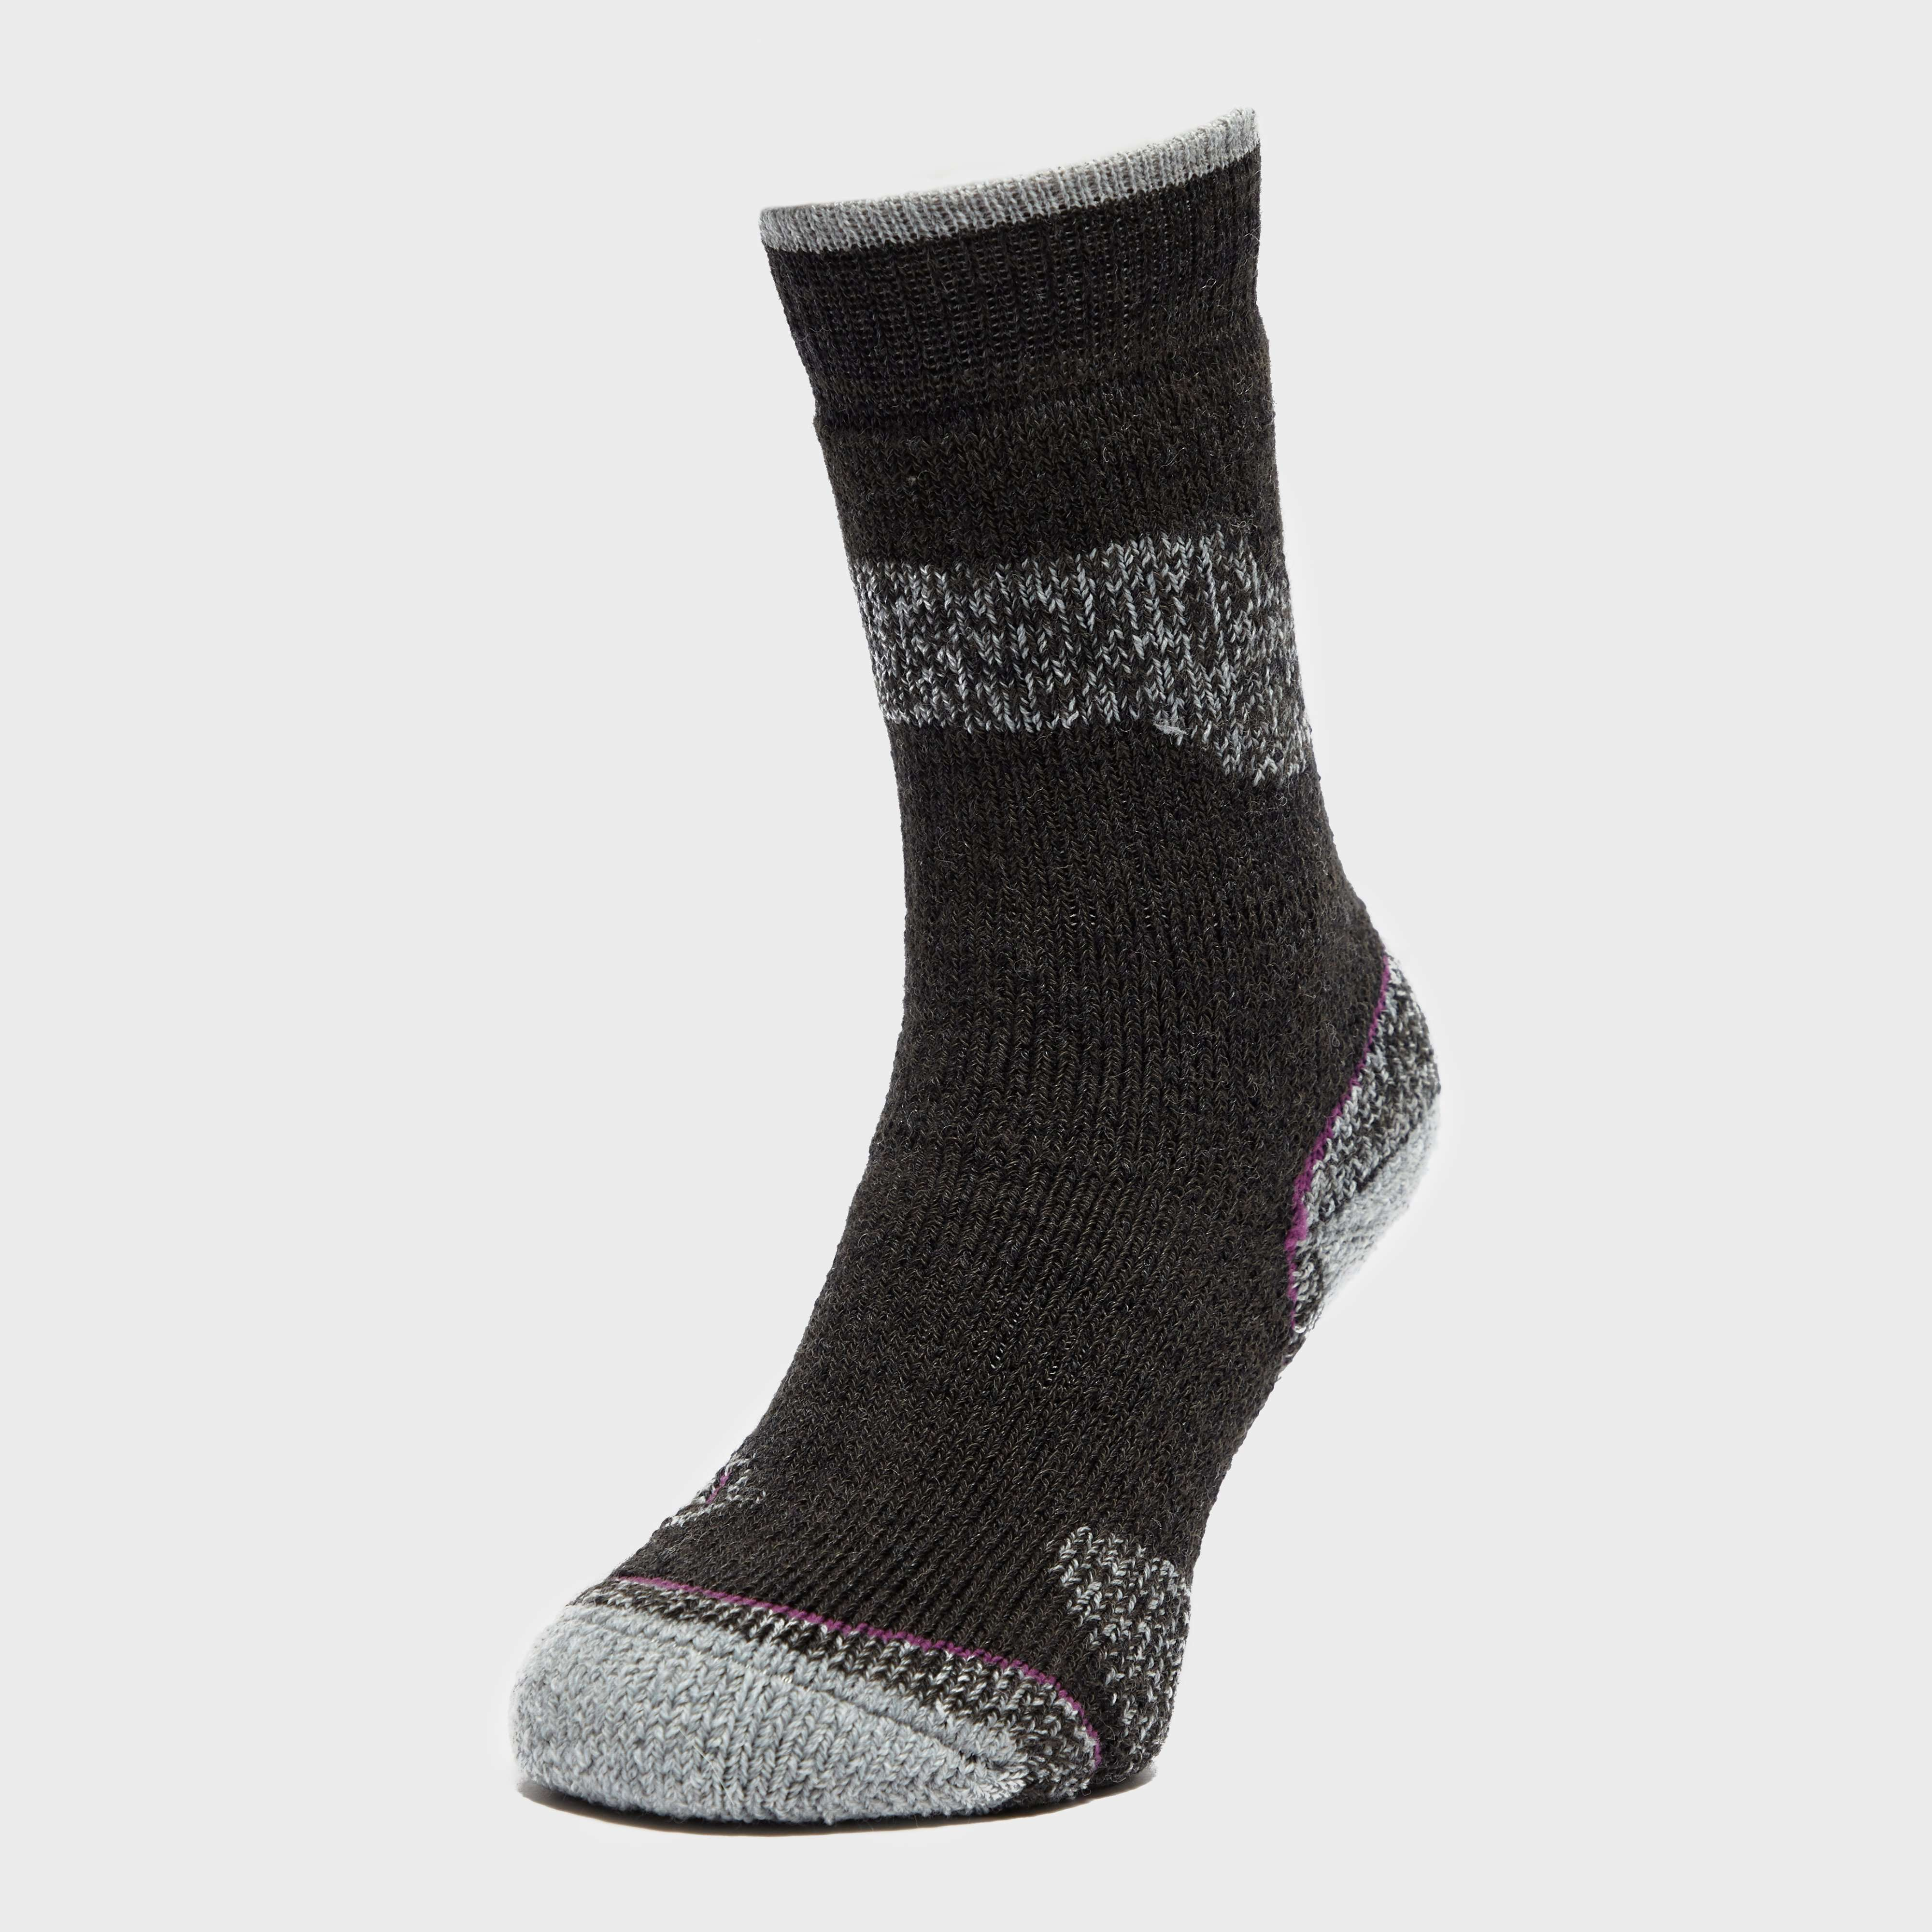 BRASHER Women's Trekker Plus Socks